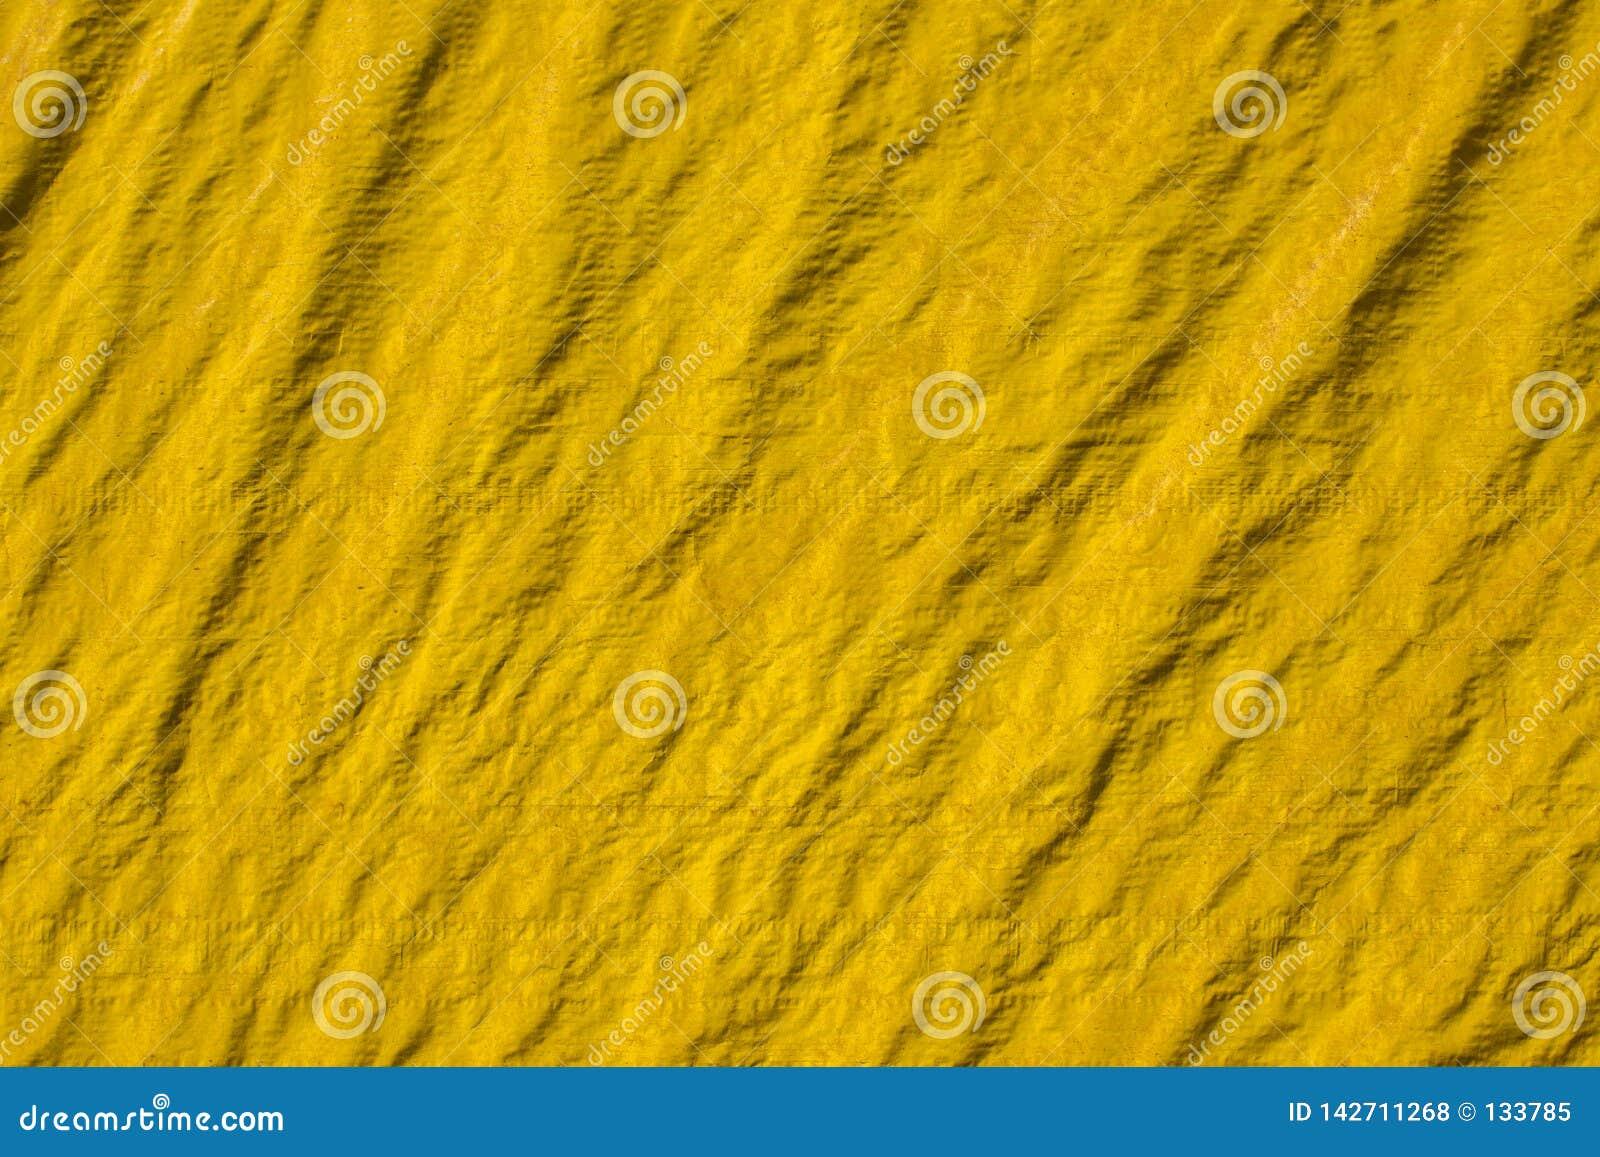 Gammal gul skrynklig kanfas med veck och skuggor Textur för grov yttersida